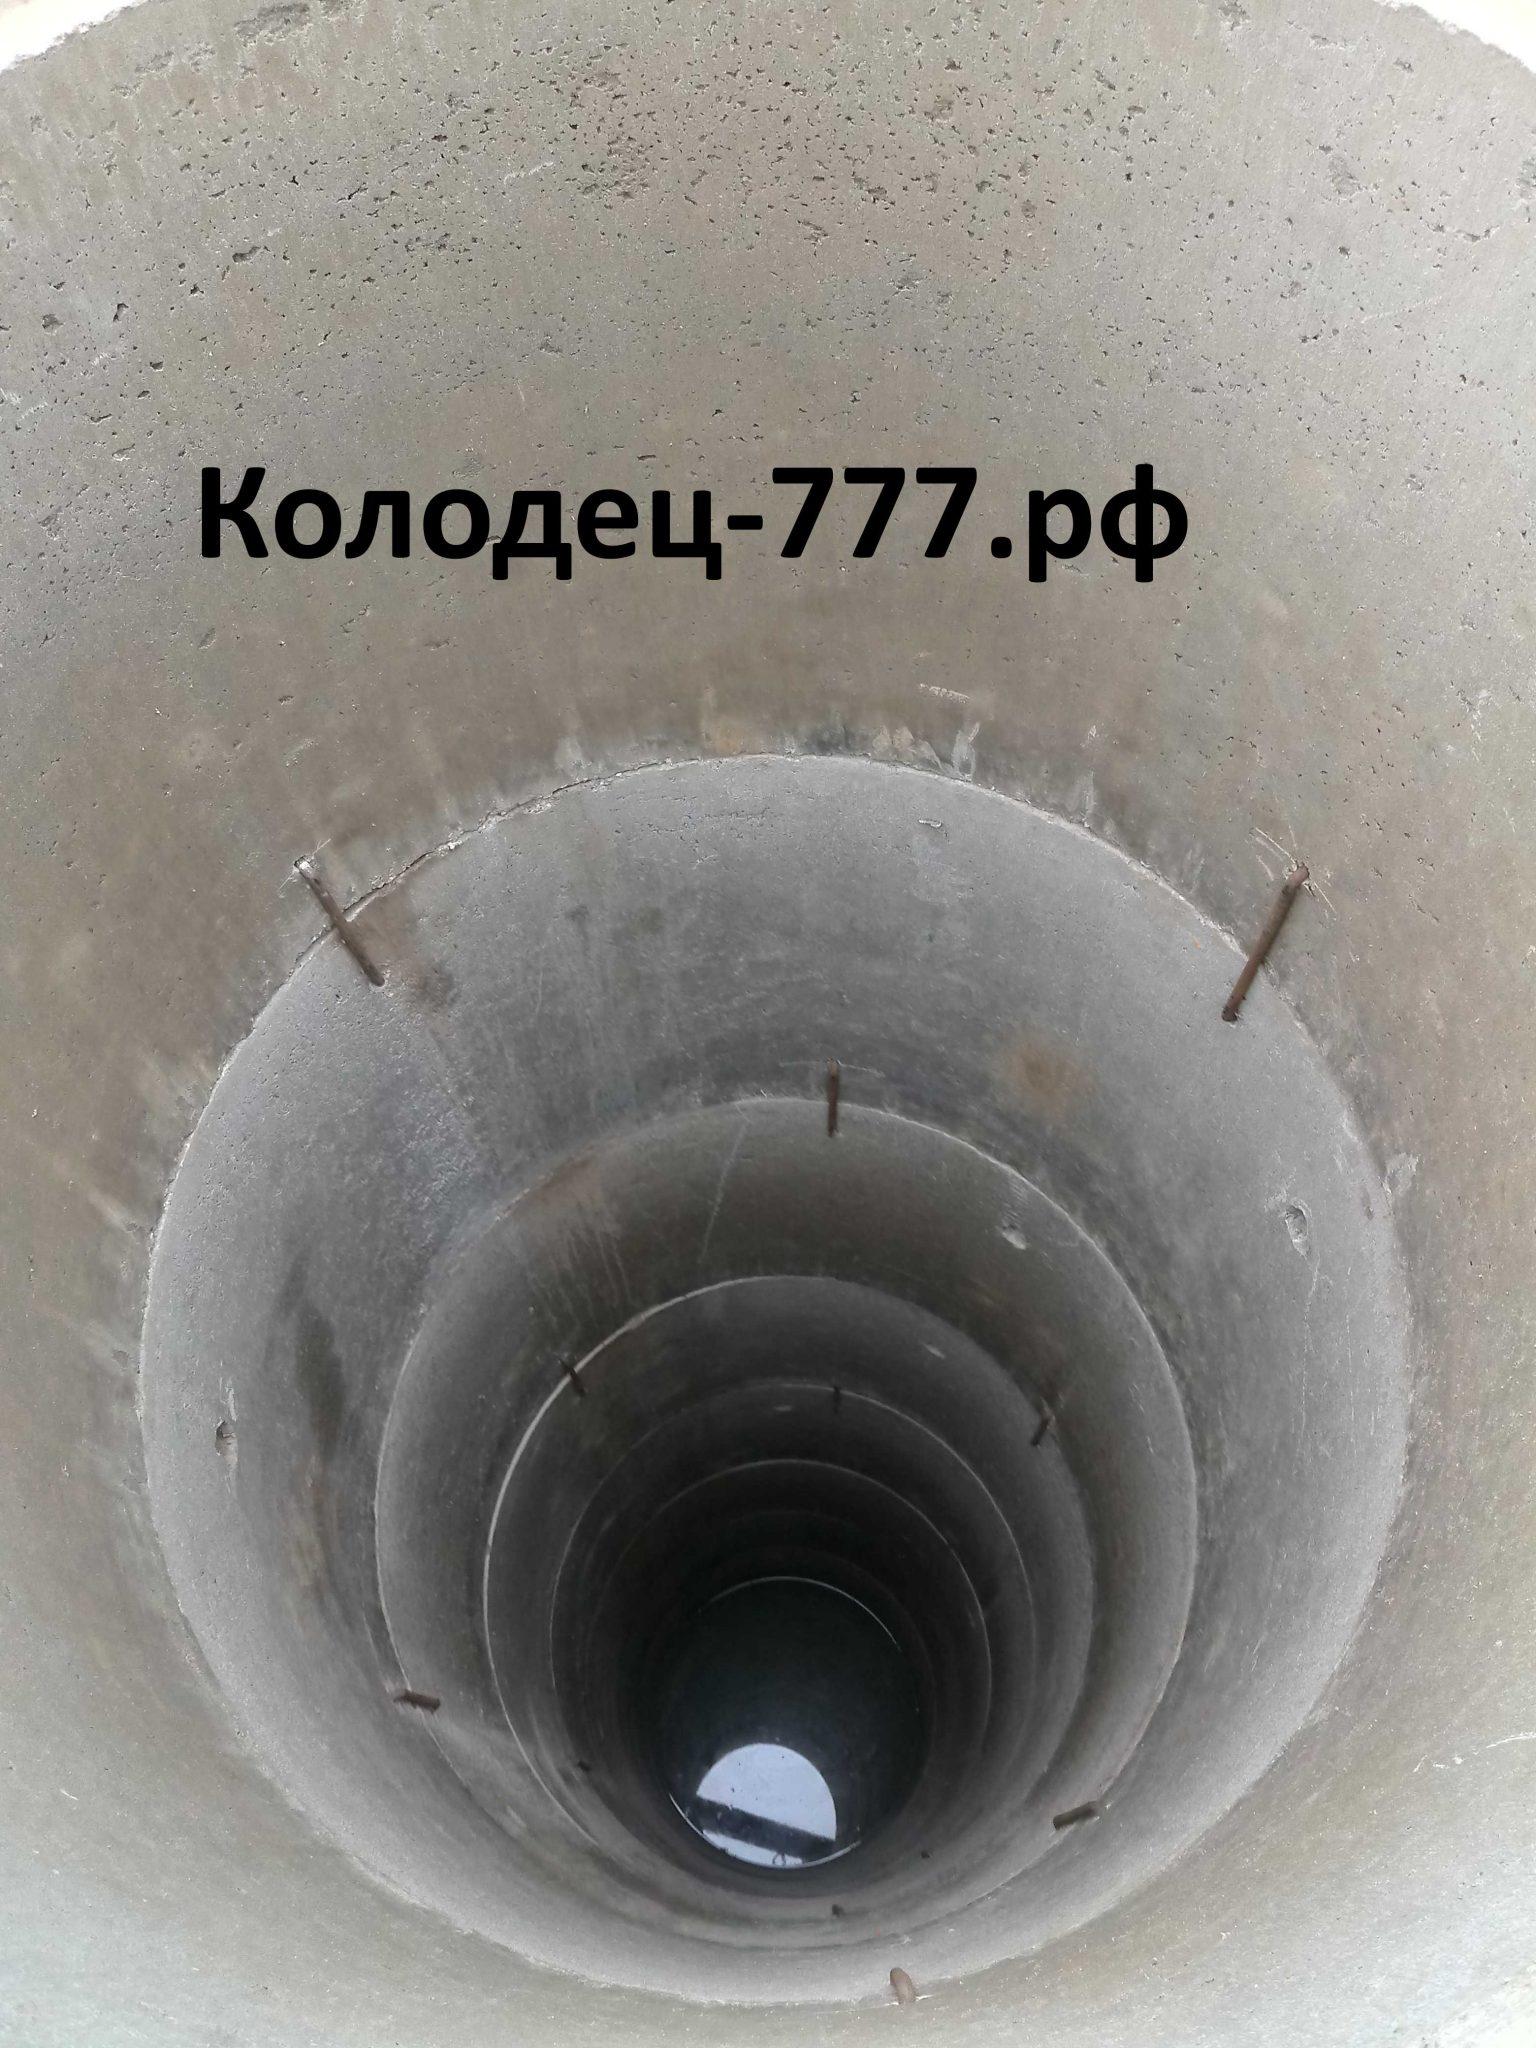 Выкопать колодец в Волоколамском районе